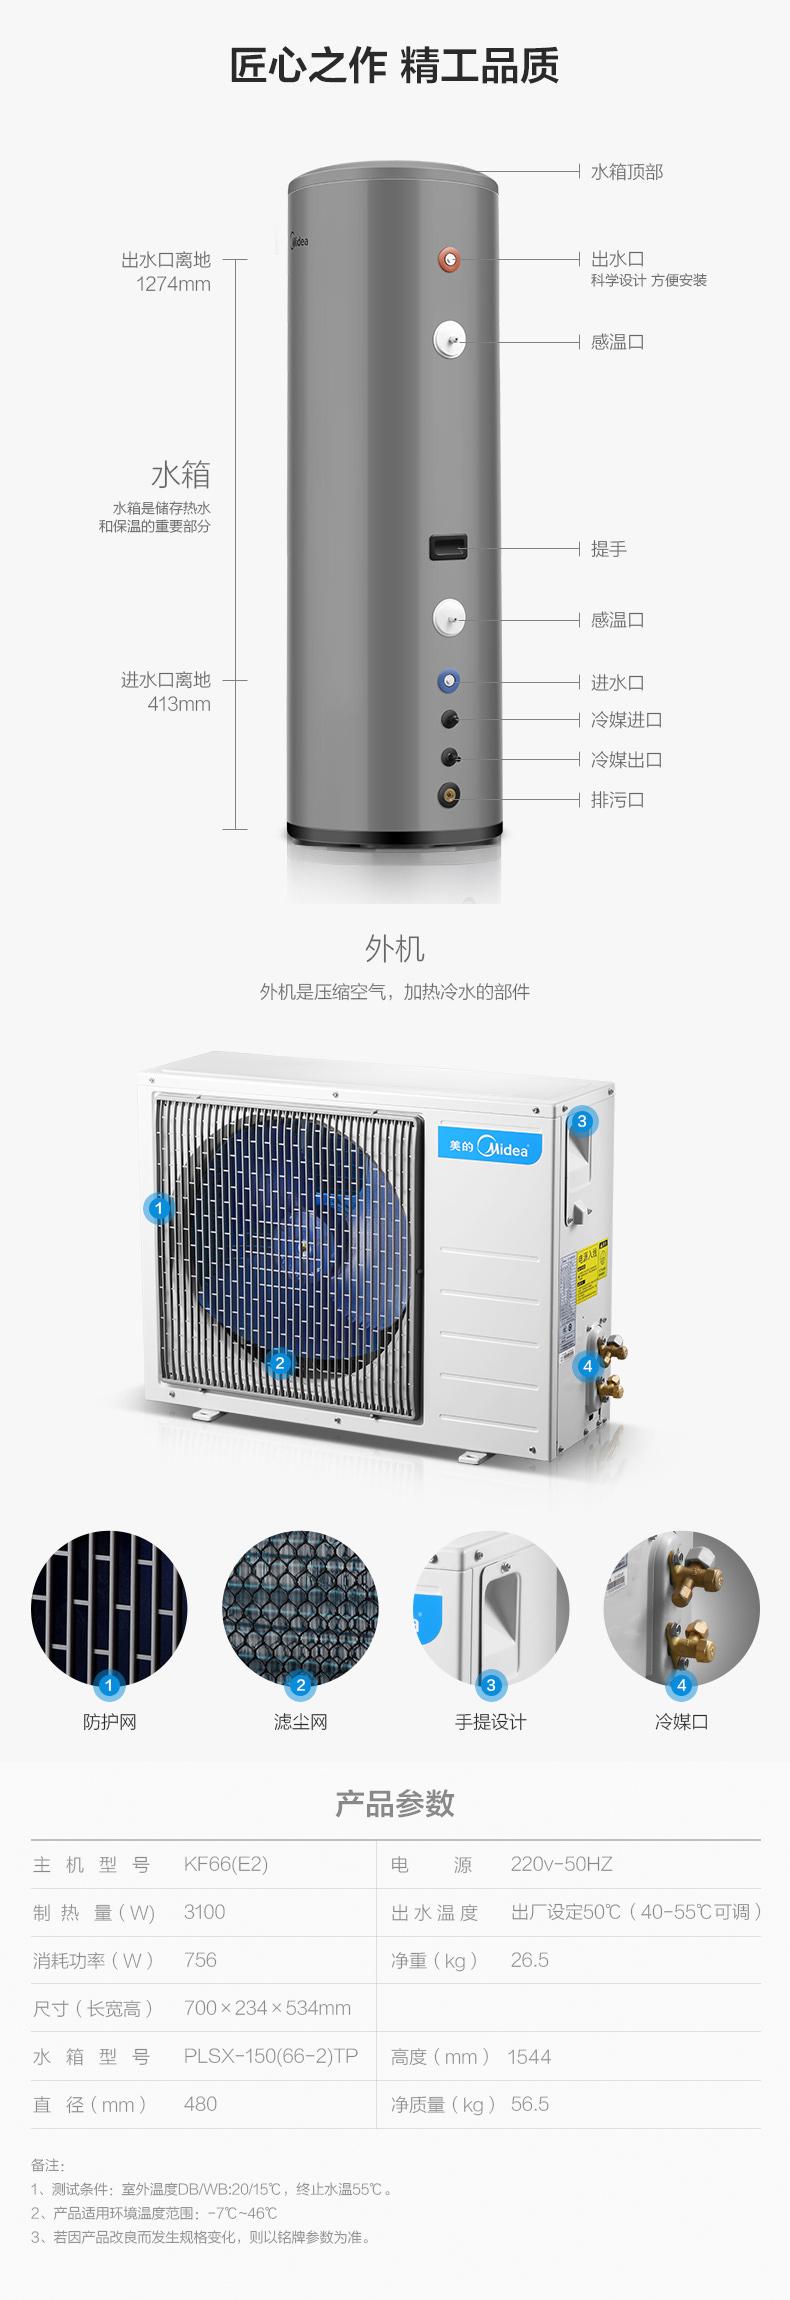 空气能热水器家用什么牌子好